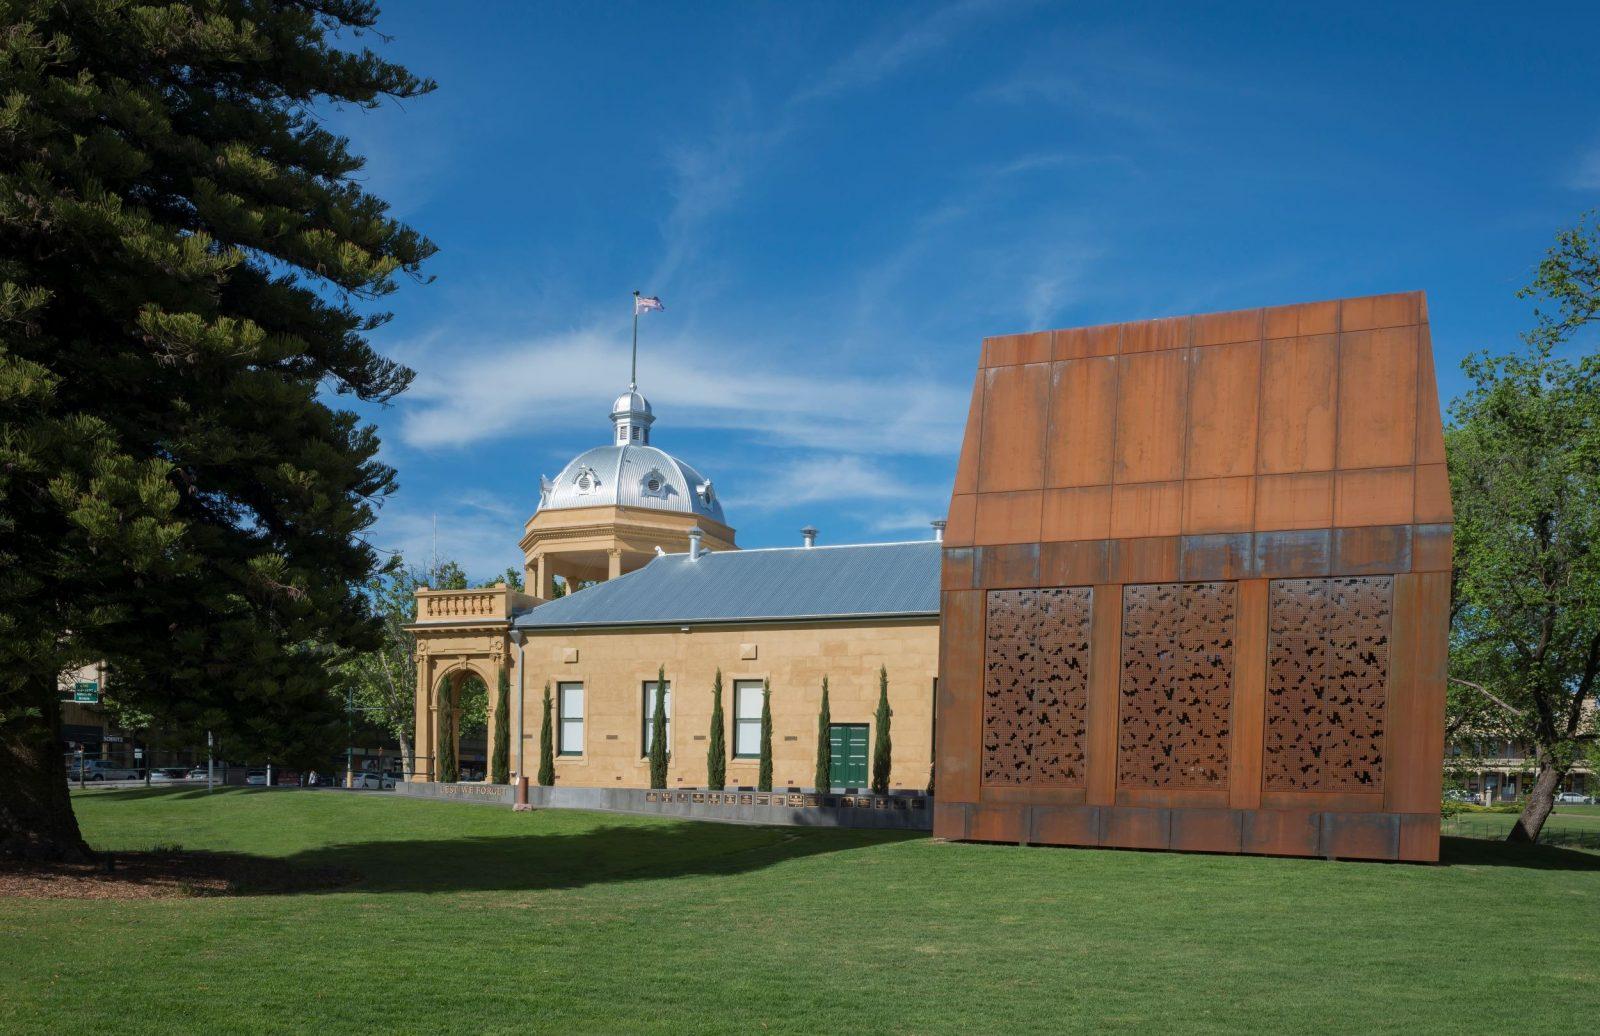 Bendigo Soldiers Memorial Institute Military Museum